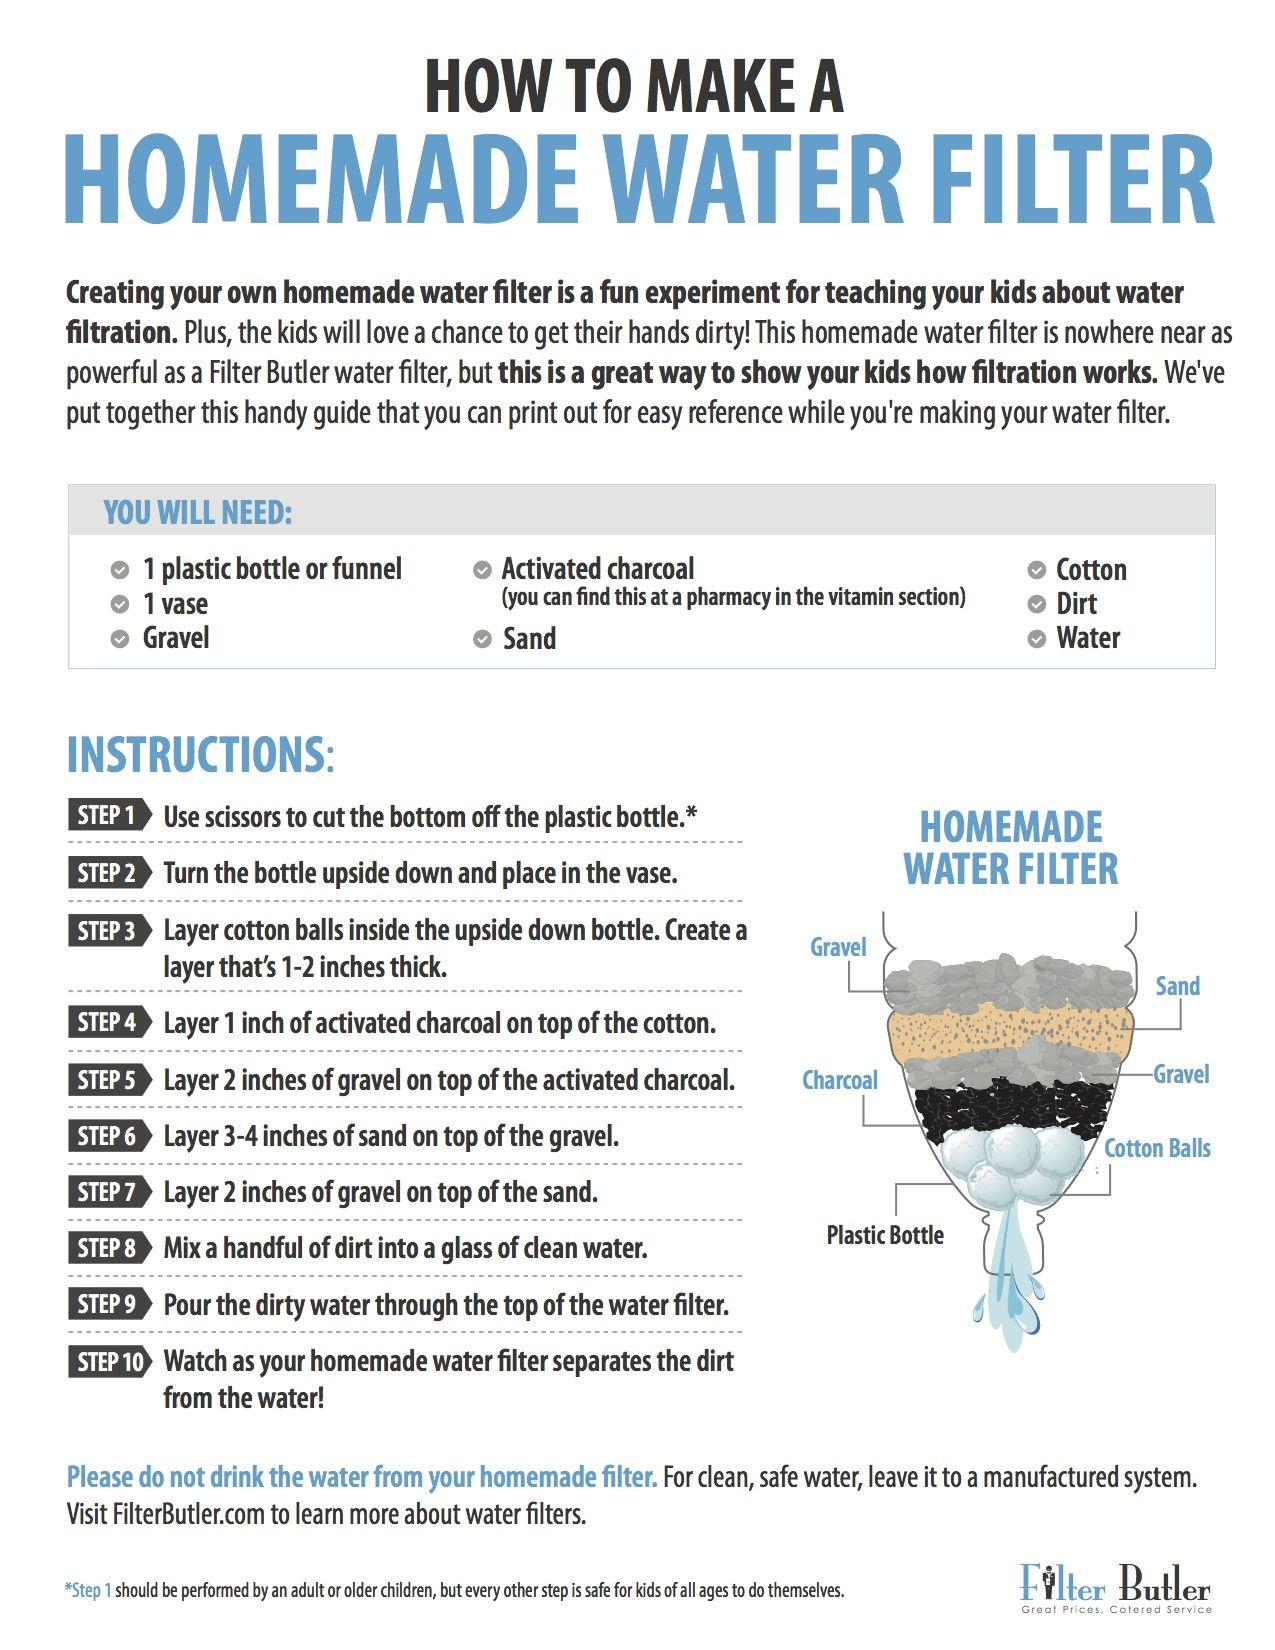 Filter Butler Guide V02 1 Copy